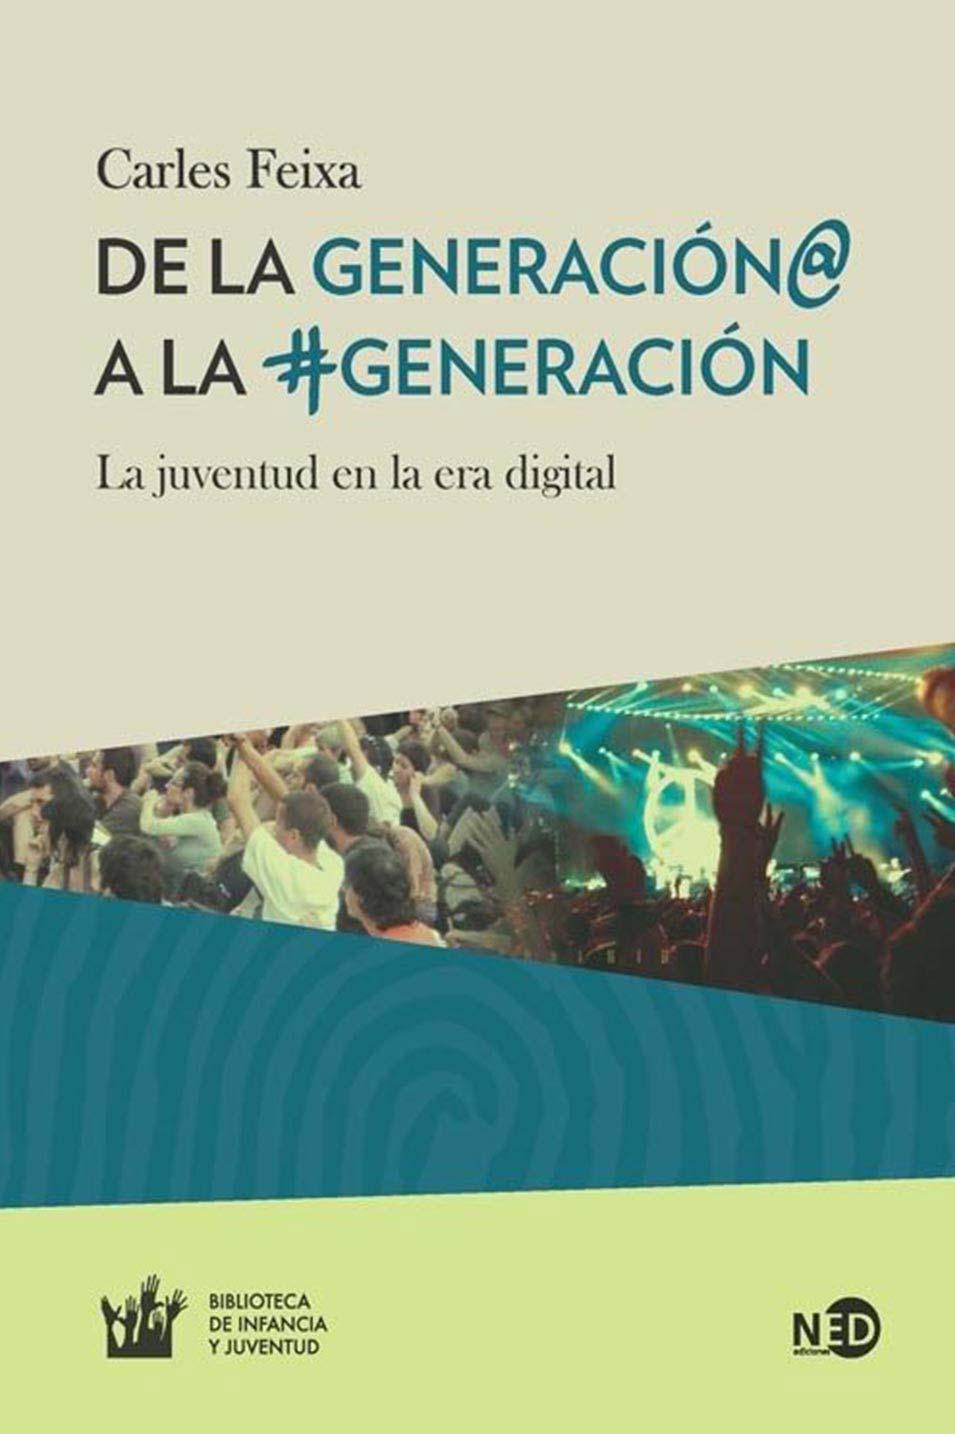 DE LA GENERACION@ A LA #GENERACION